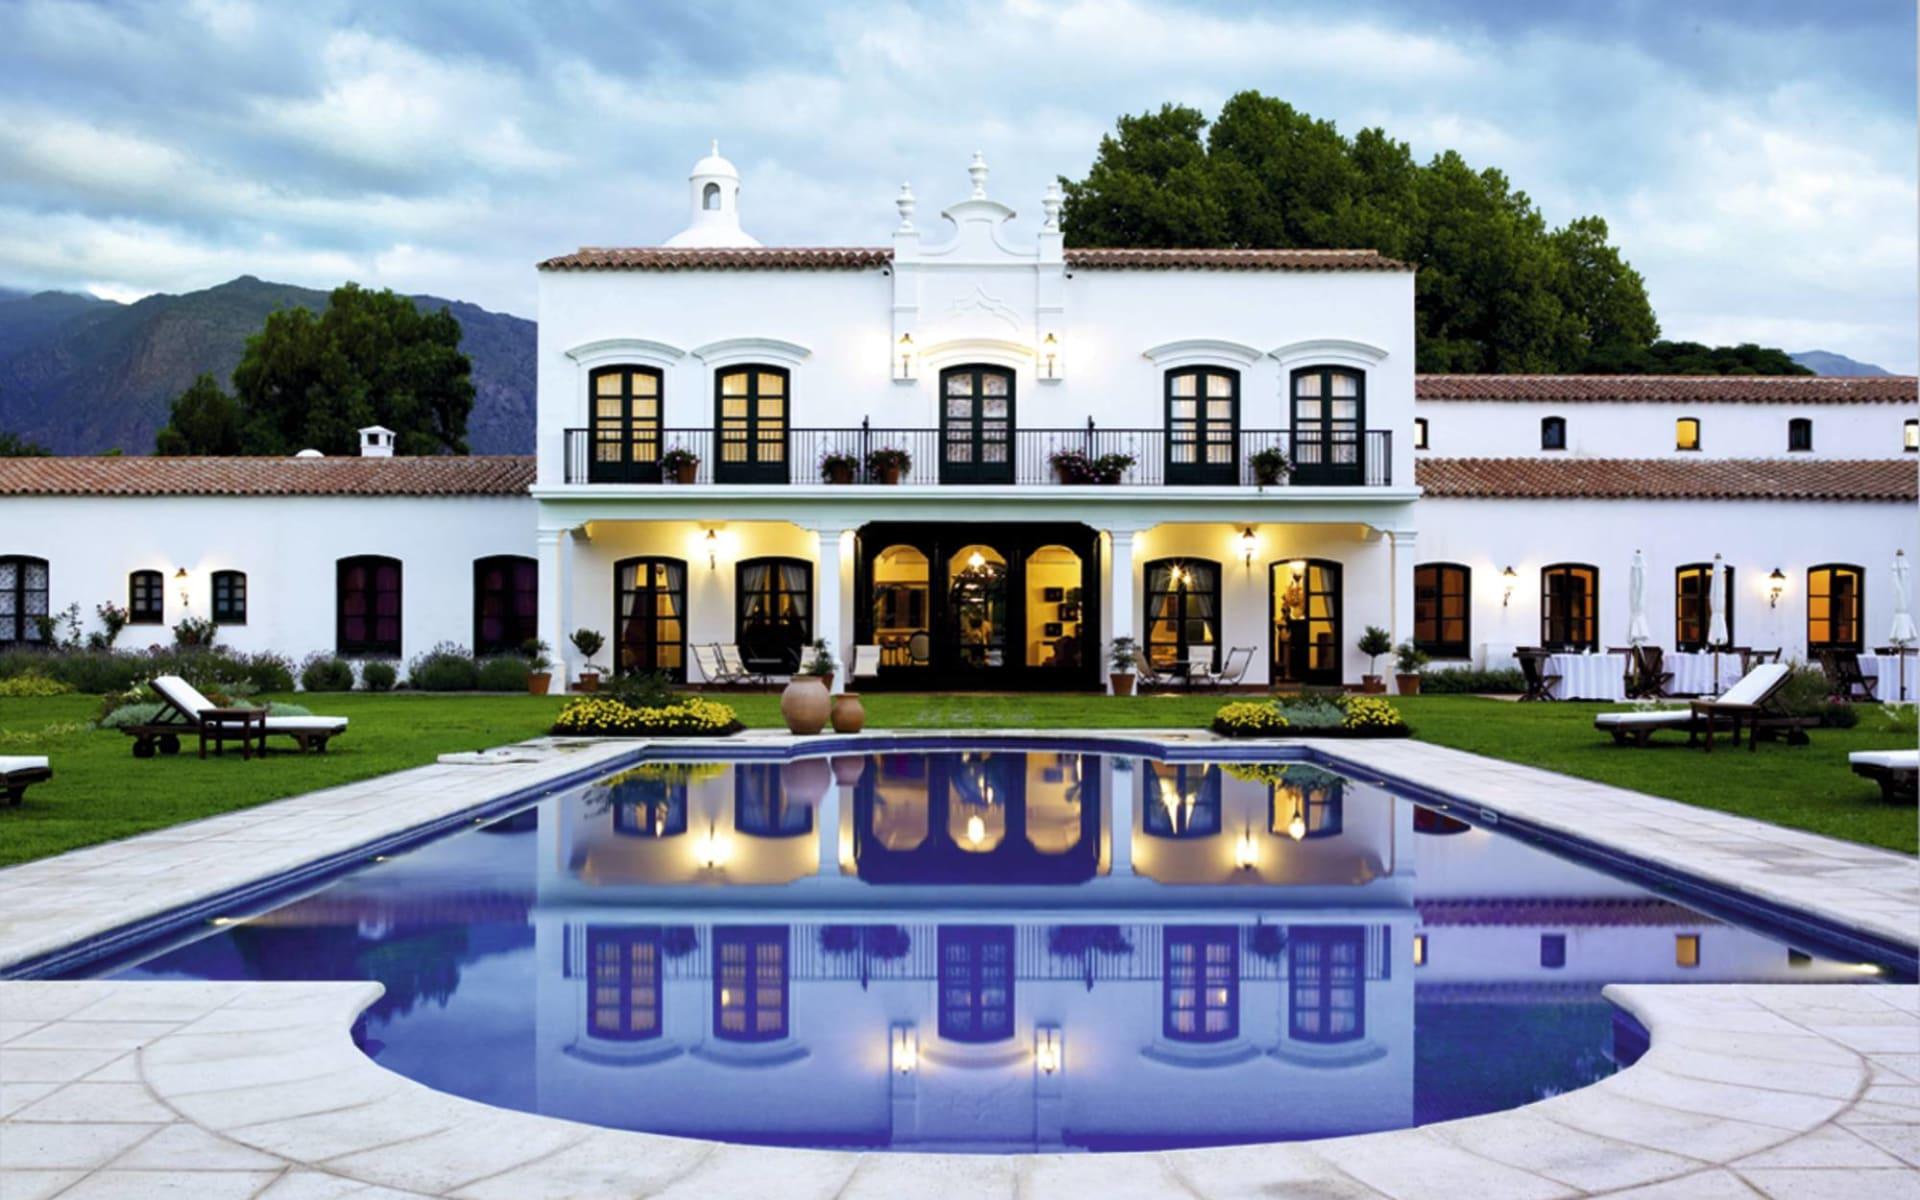 Patios de Cafayate: pool Hotel Patios de Cafayate Poolbereich mit Frontansicht Hotel